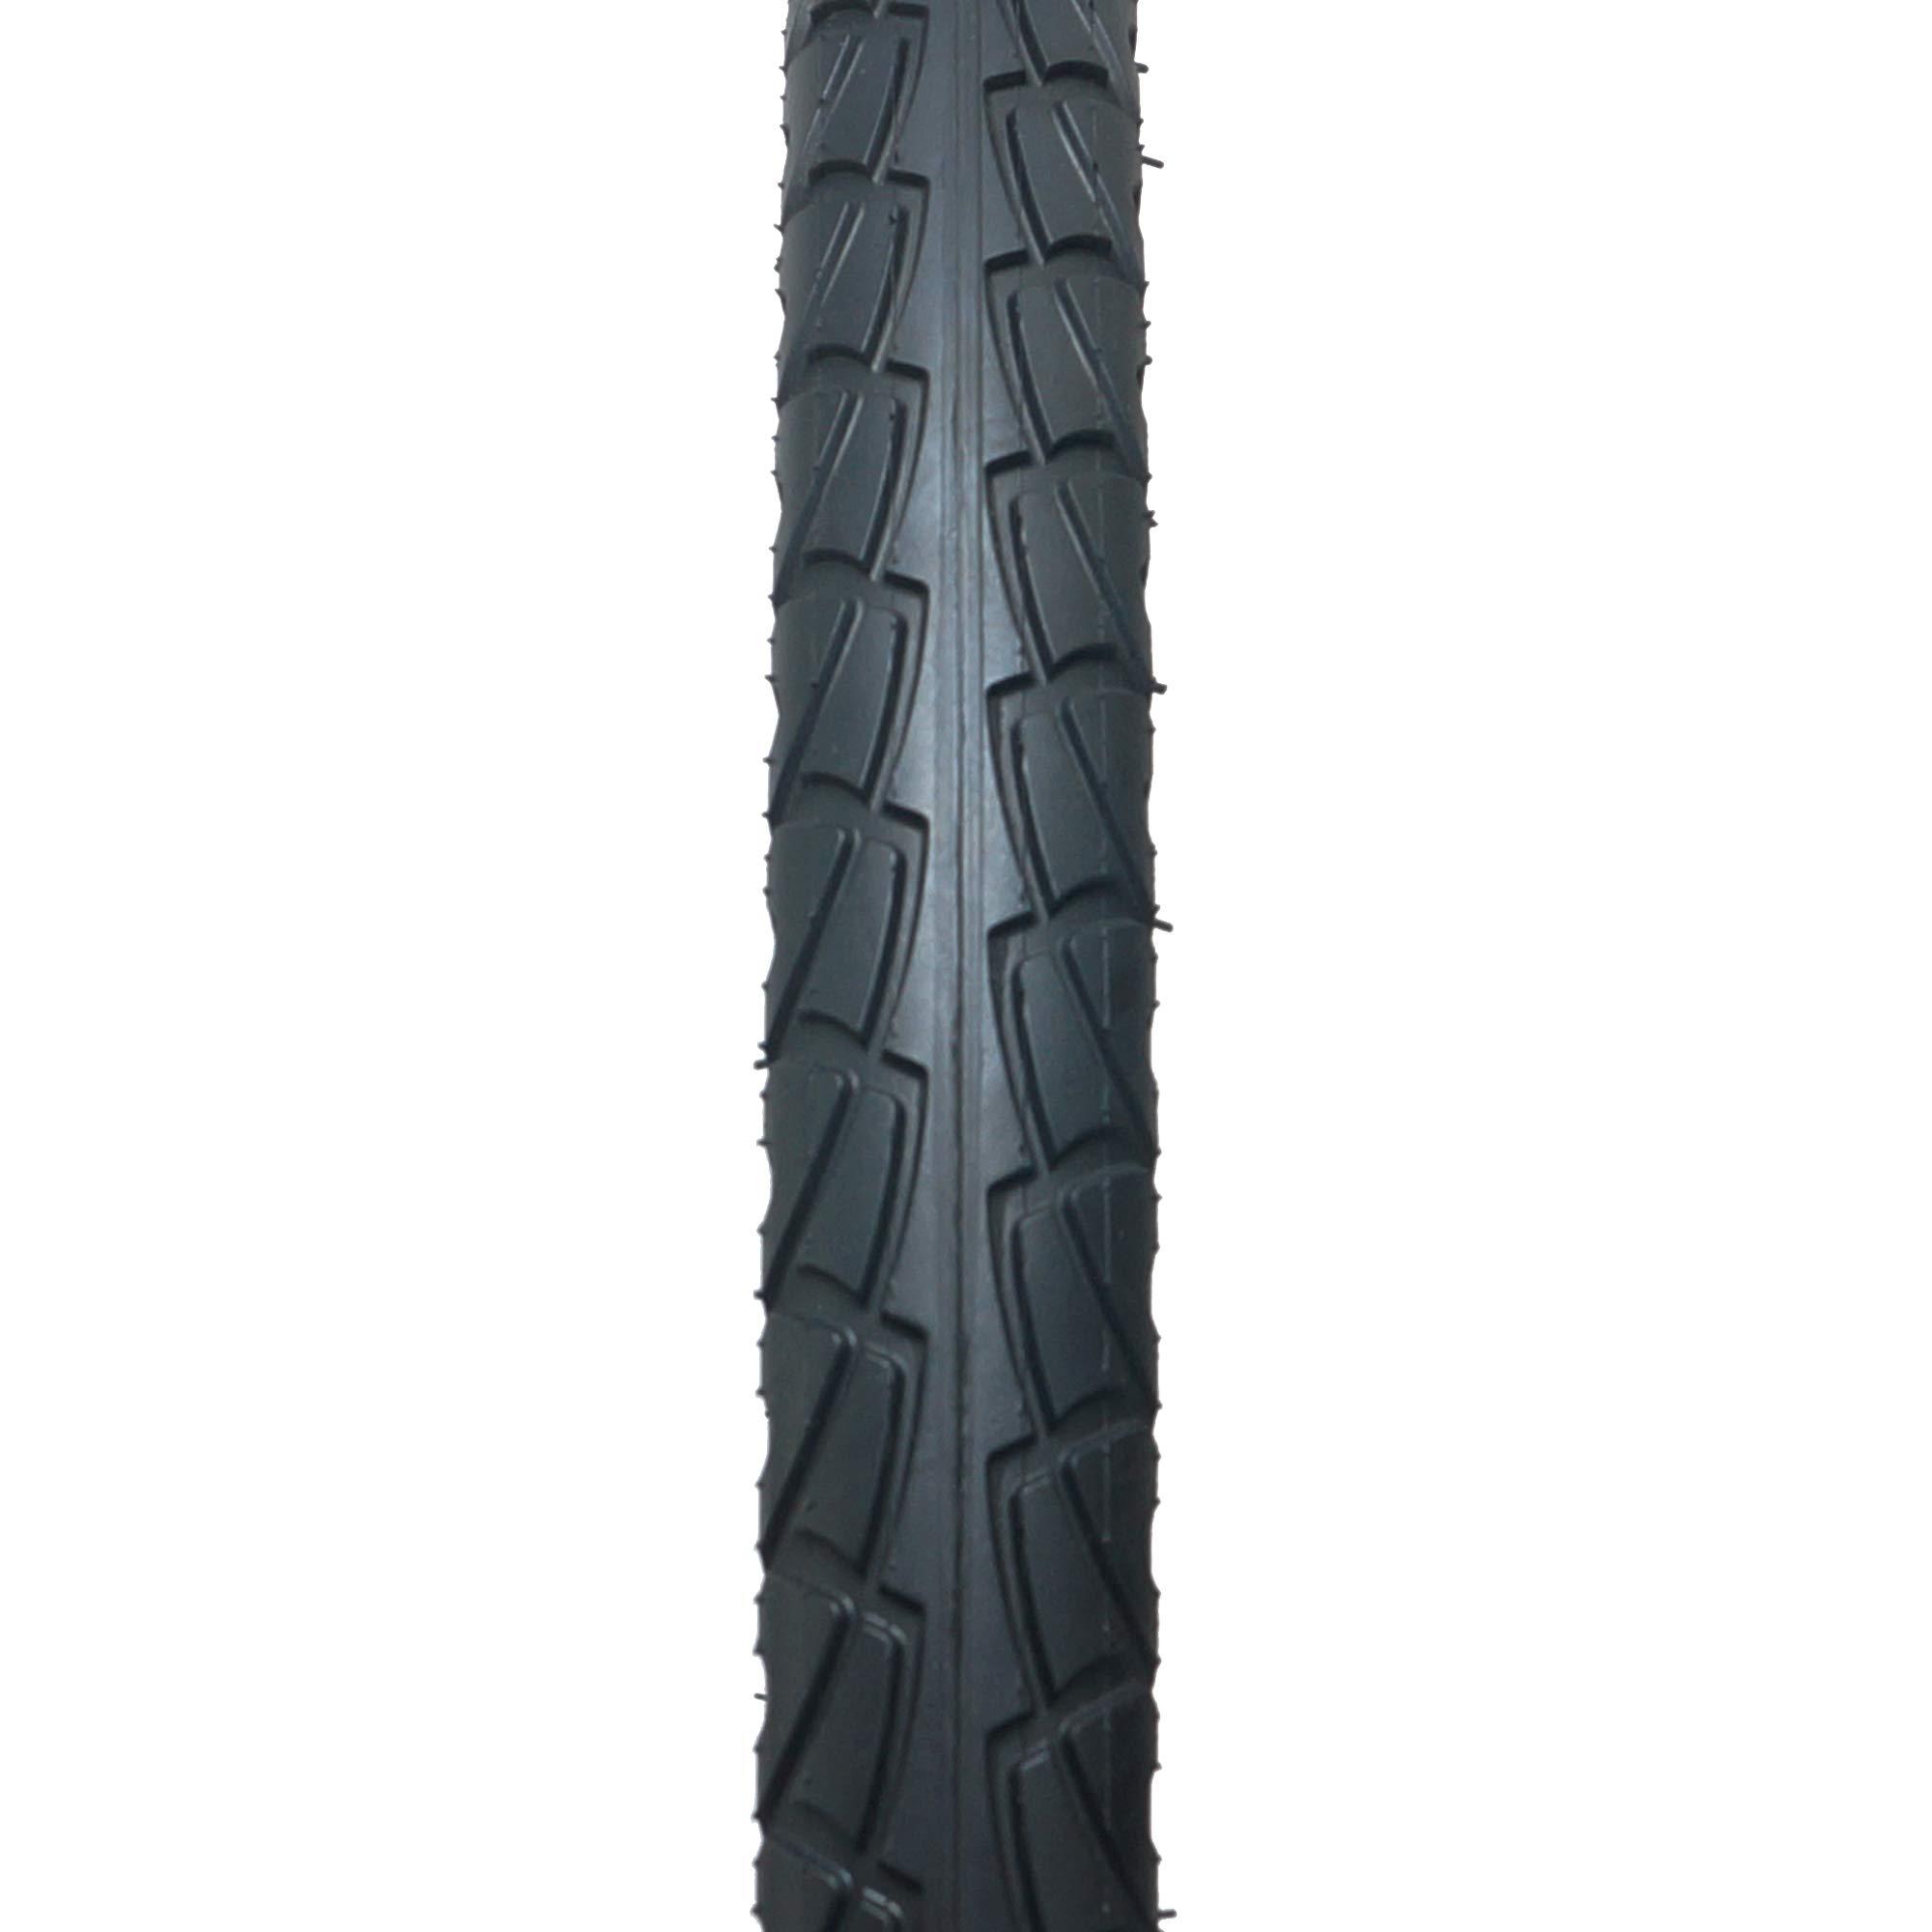 Fincci Par 26 x 2,125 Pulgadas 57-559 Cubiertas para Carretera MTB Montaña Hibrida Bici Bicicleta (Paquete de 2): Amazon.es: Deportes y aire libre